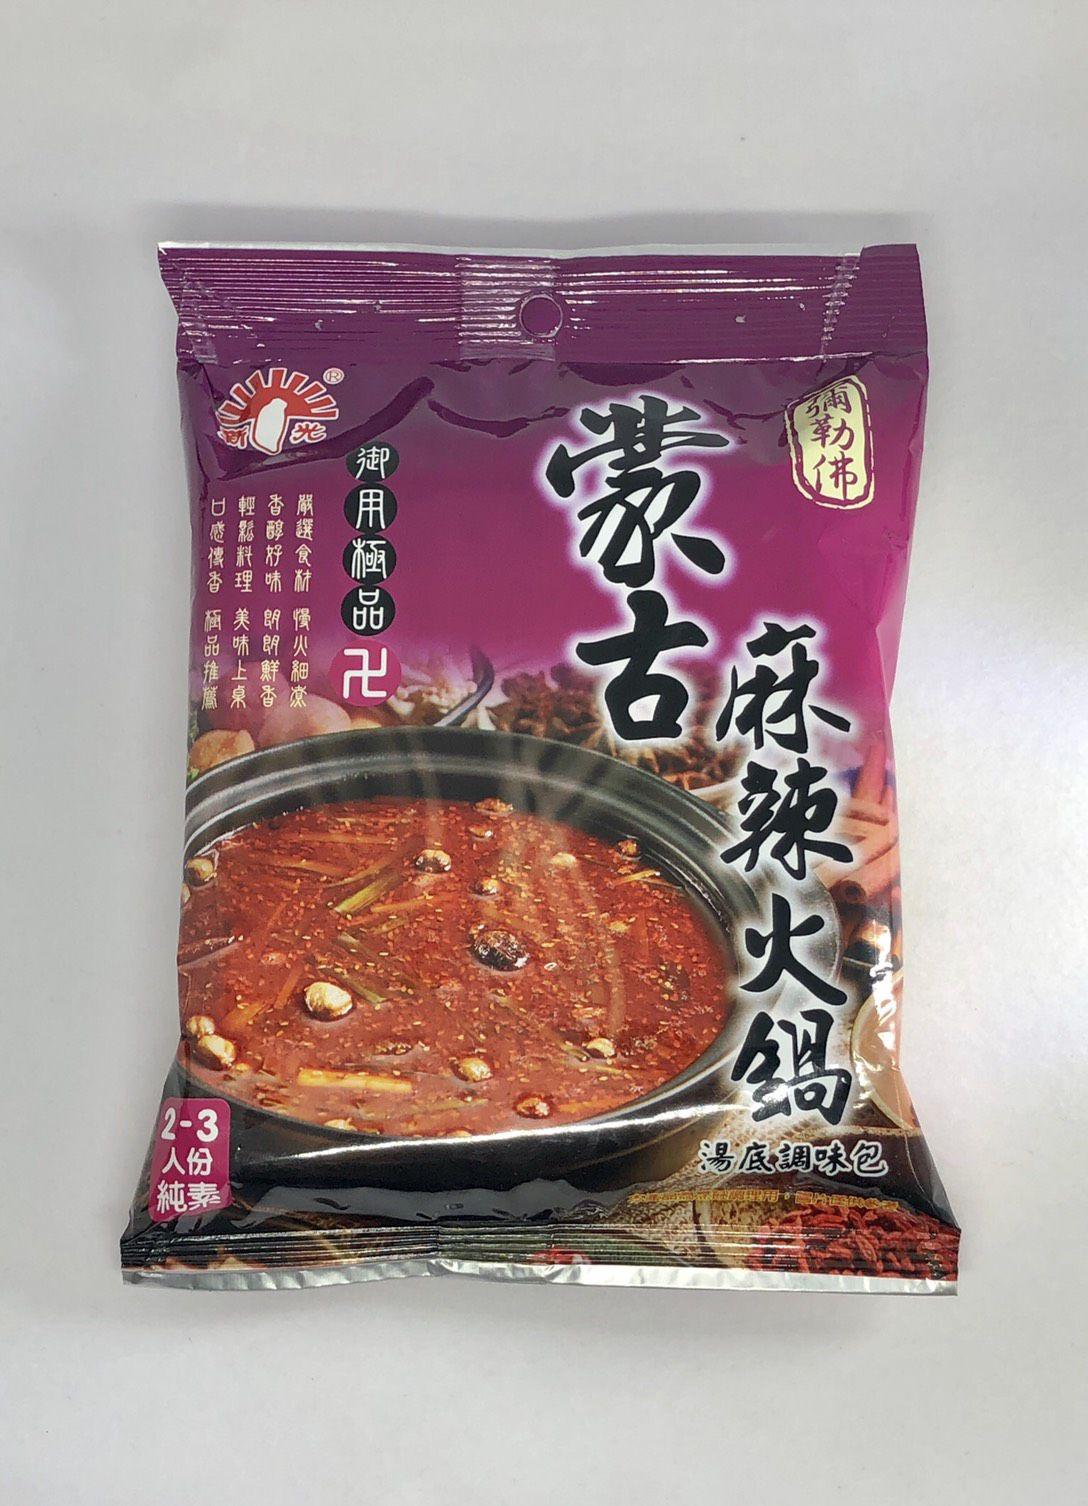 (新光)蒙古麻辣火鍋湯底調味包75g(全素)